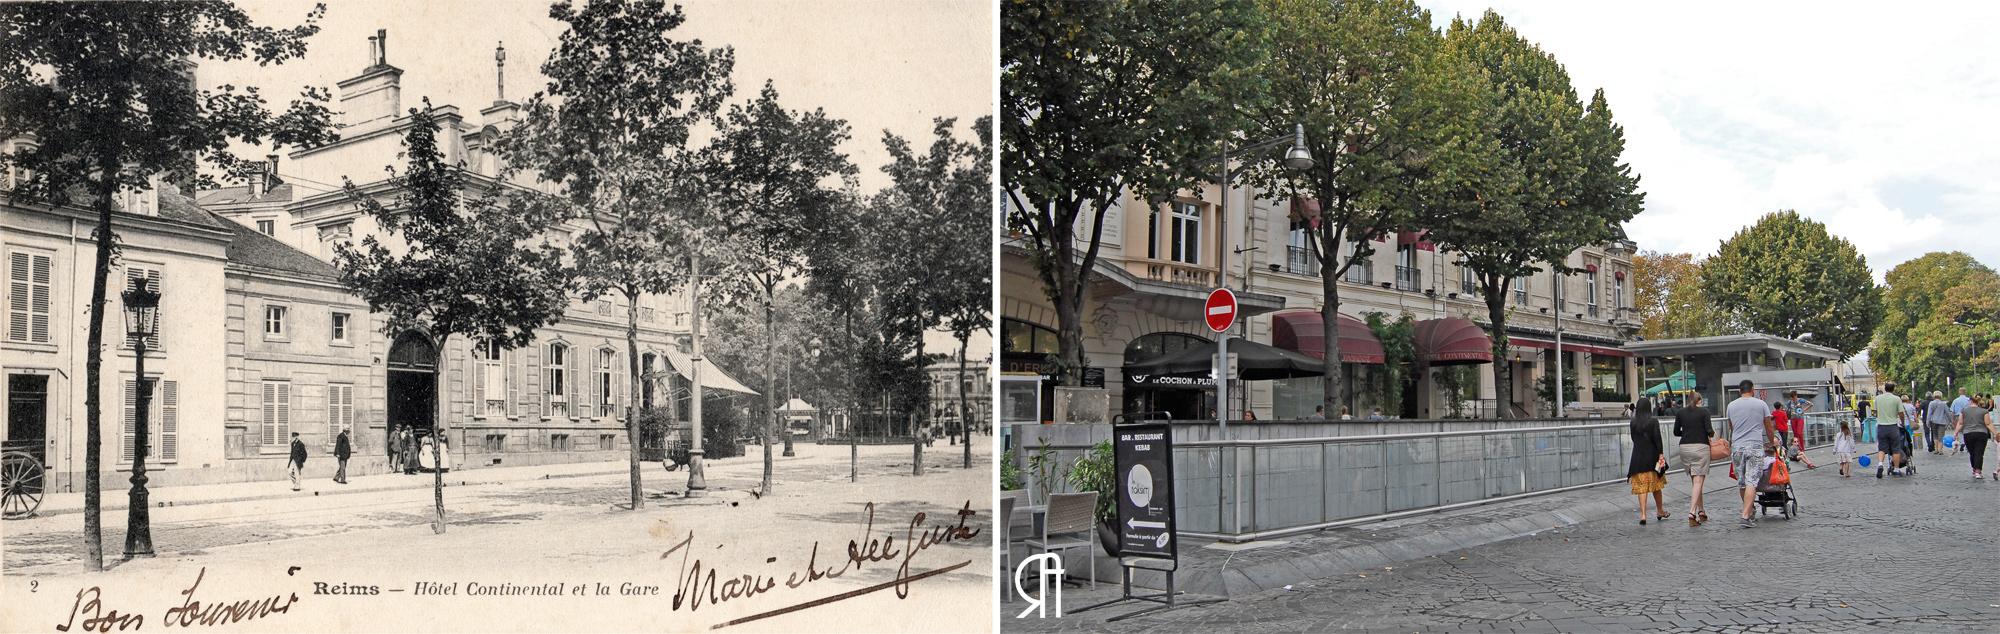 Place d'Erlon